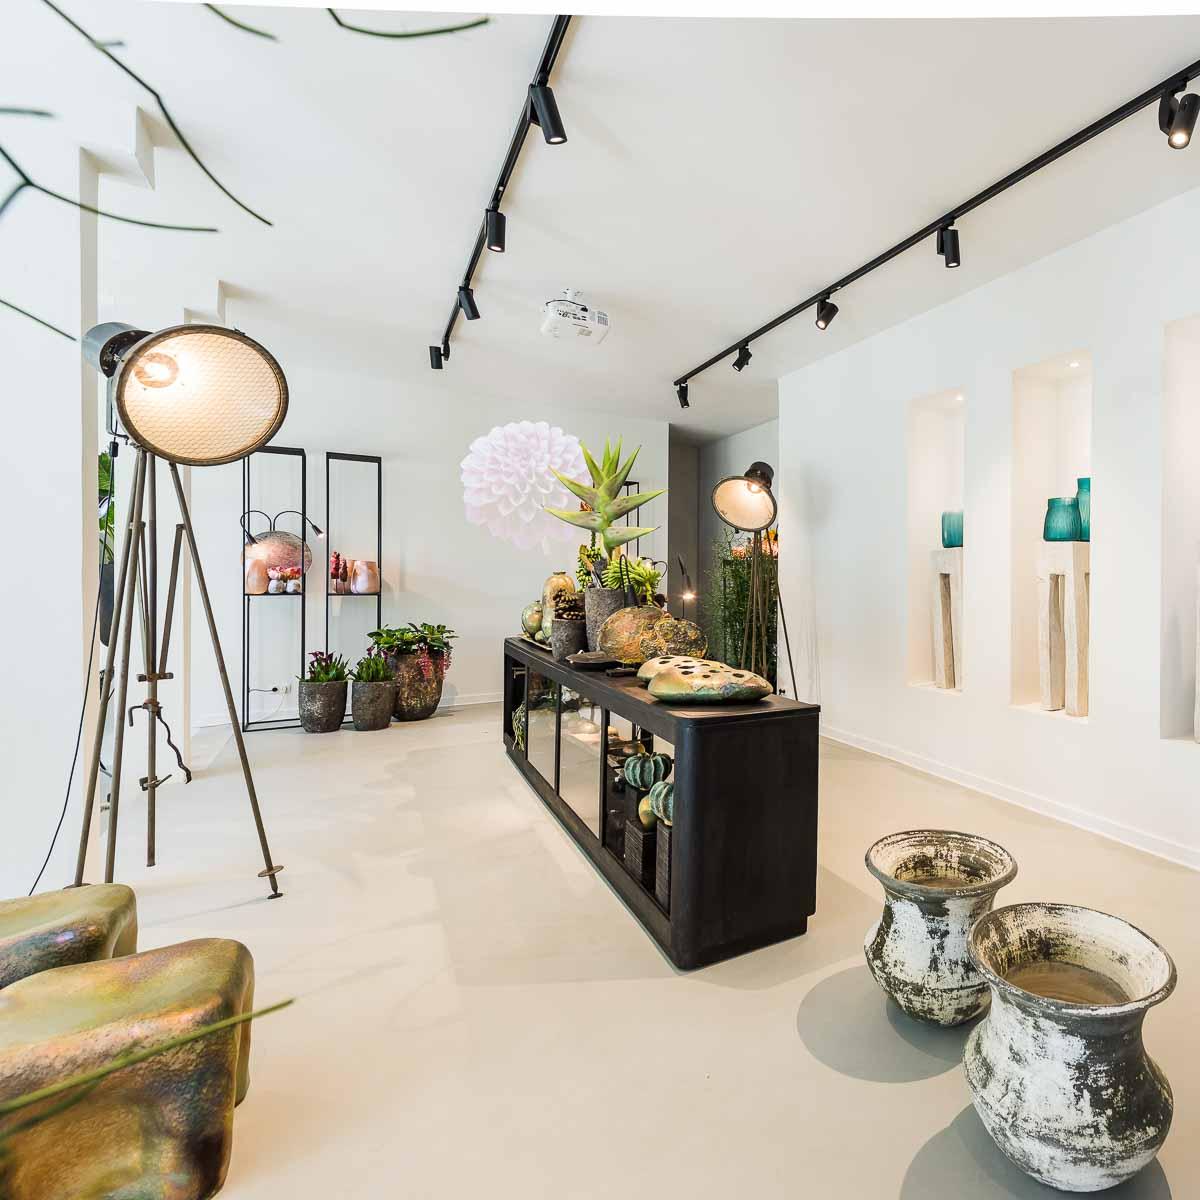 himmel und erde meisterfloristik in uhlenhorst hamburg. Black Bedroom Furniture Sets. Home Design Ideas